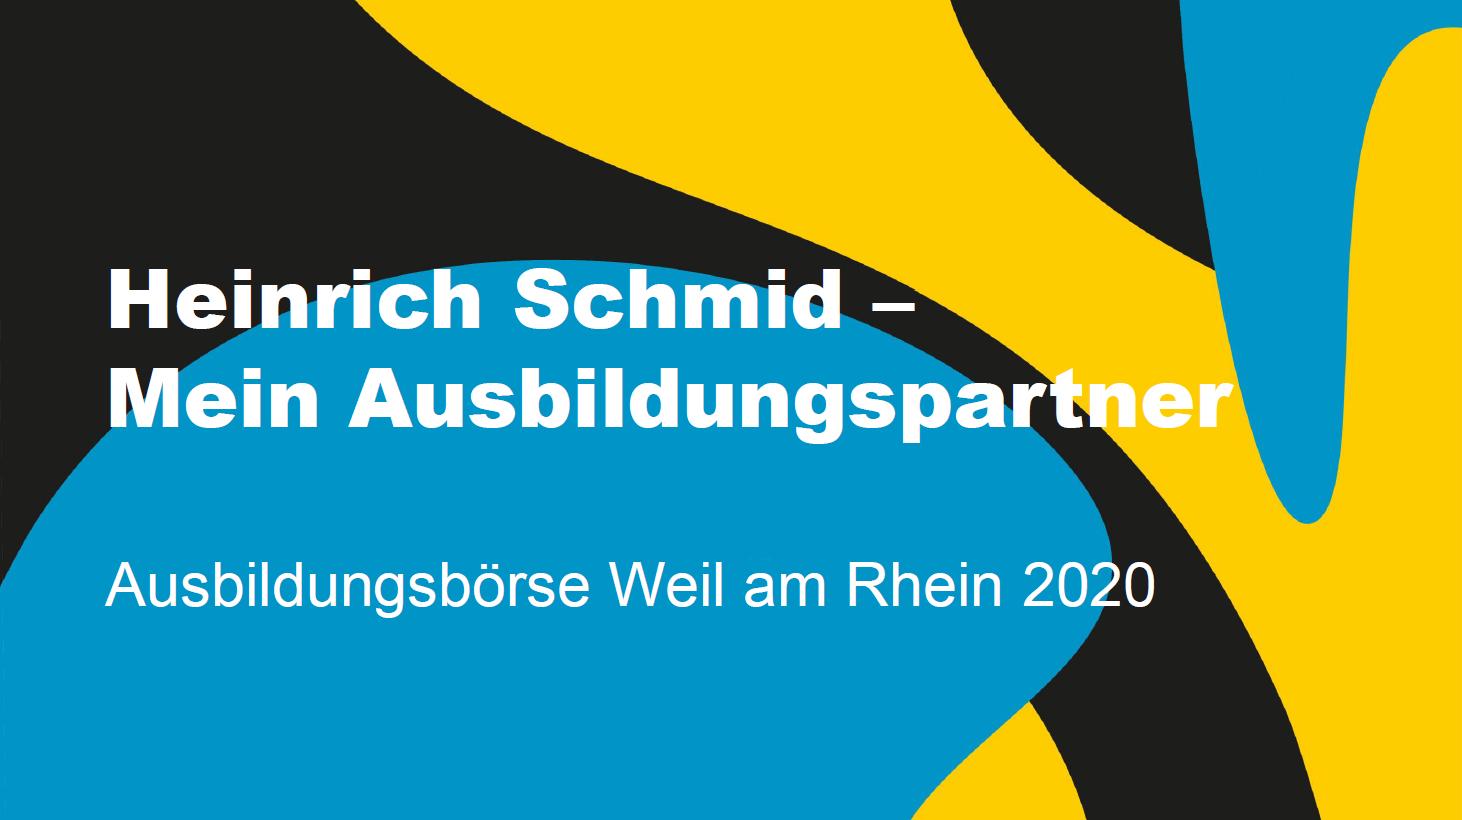 Heinrich Schmid 1